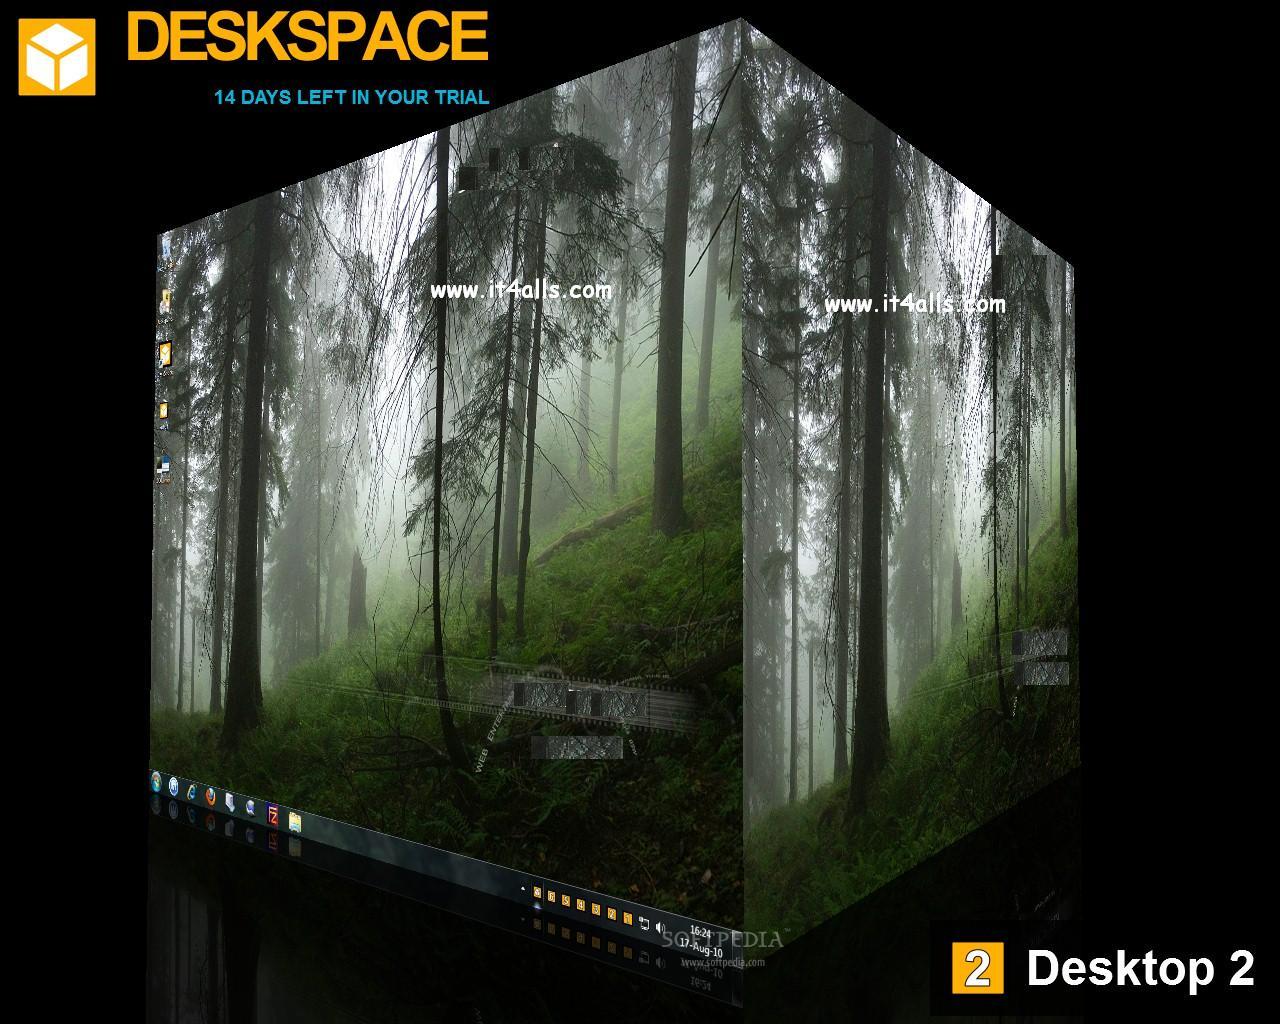 http://3.bp.blogspot.com/-eI5fwP0e6Z8/Tal_6kFueFI/AAAAAAAAA8c/T3pcXZDEO4k/s1600/Yod-m-3D_2.jpg